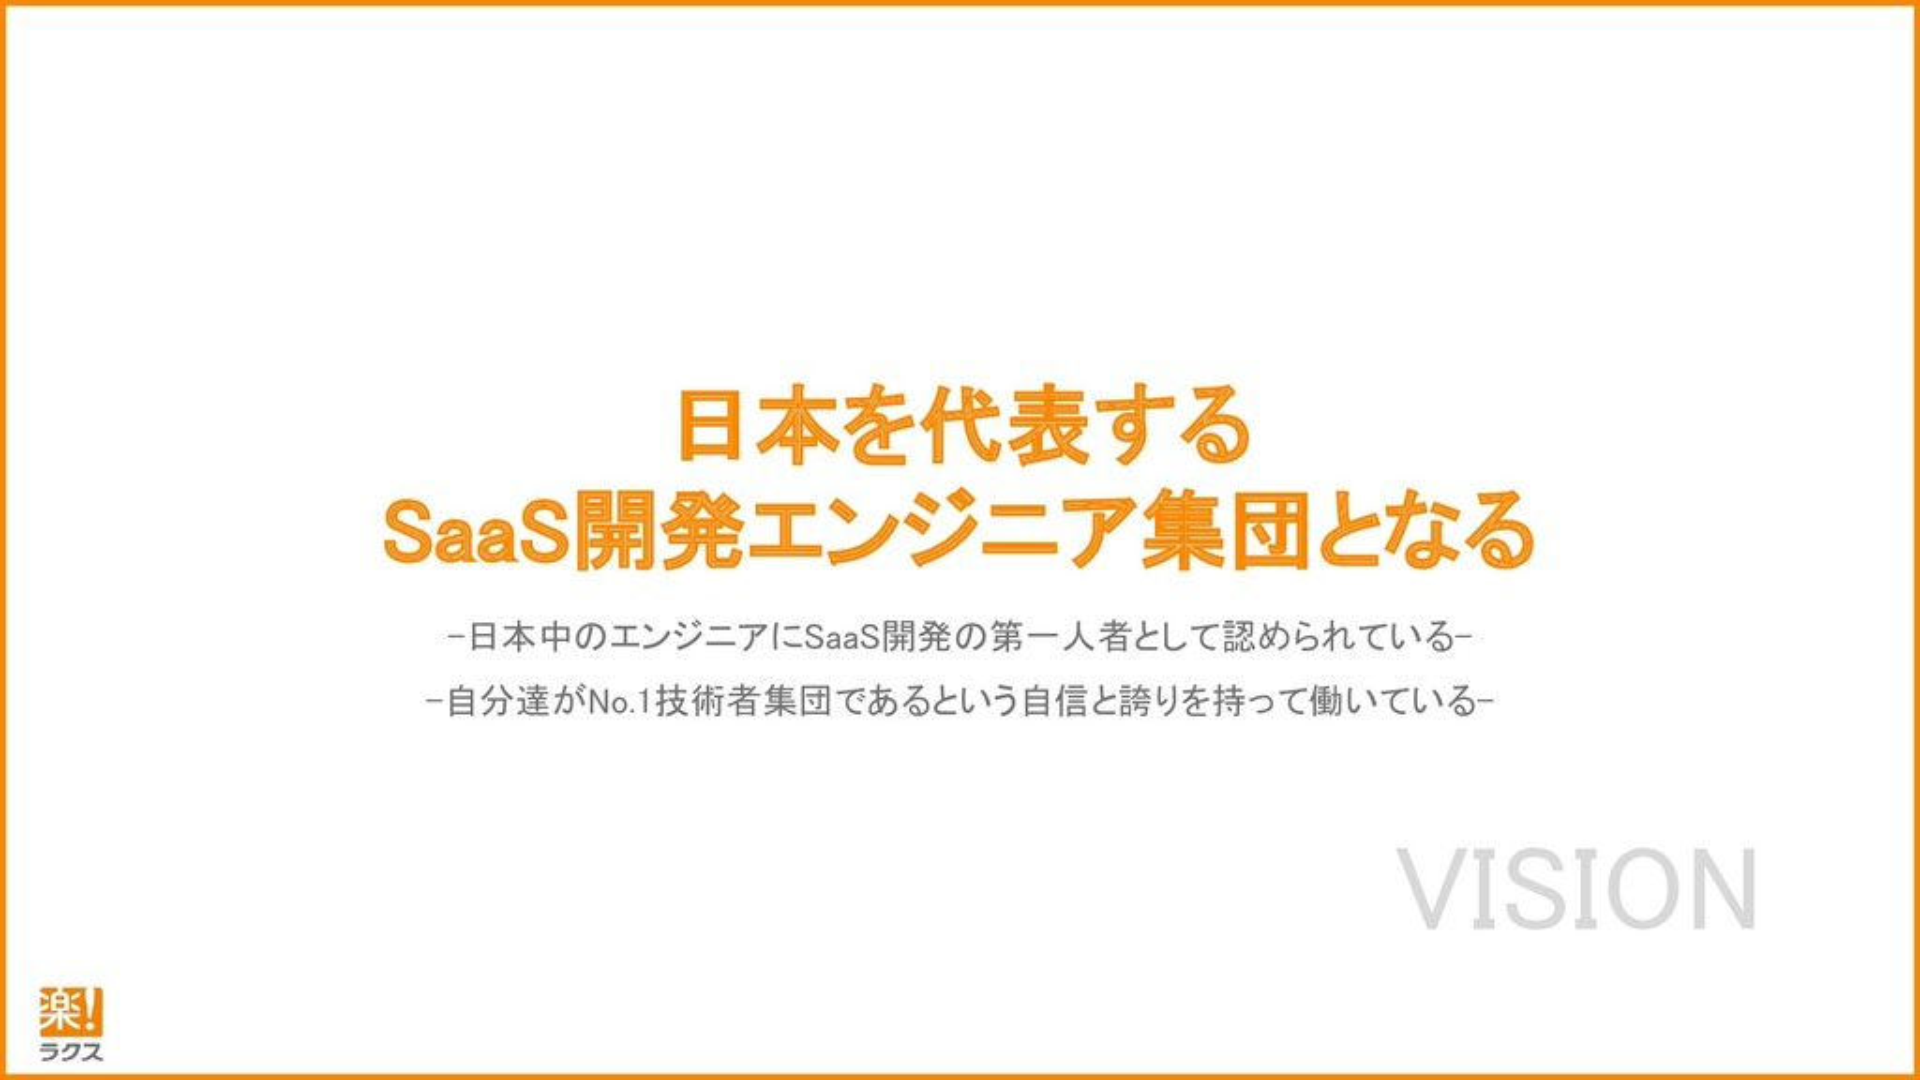 VISION 日本を代表する SaaS開発エンジニア集団となる - 日 本 中 の エ ン ジ...